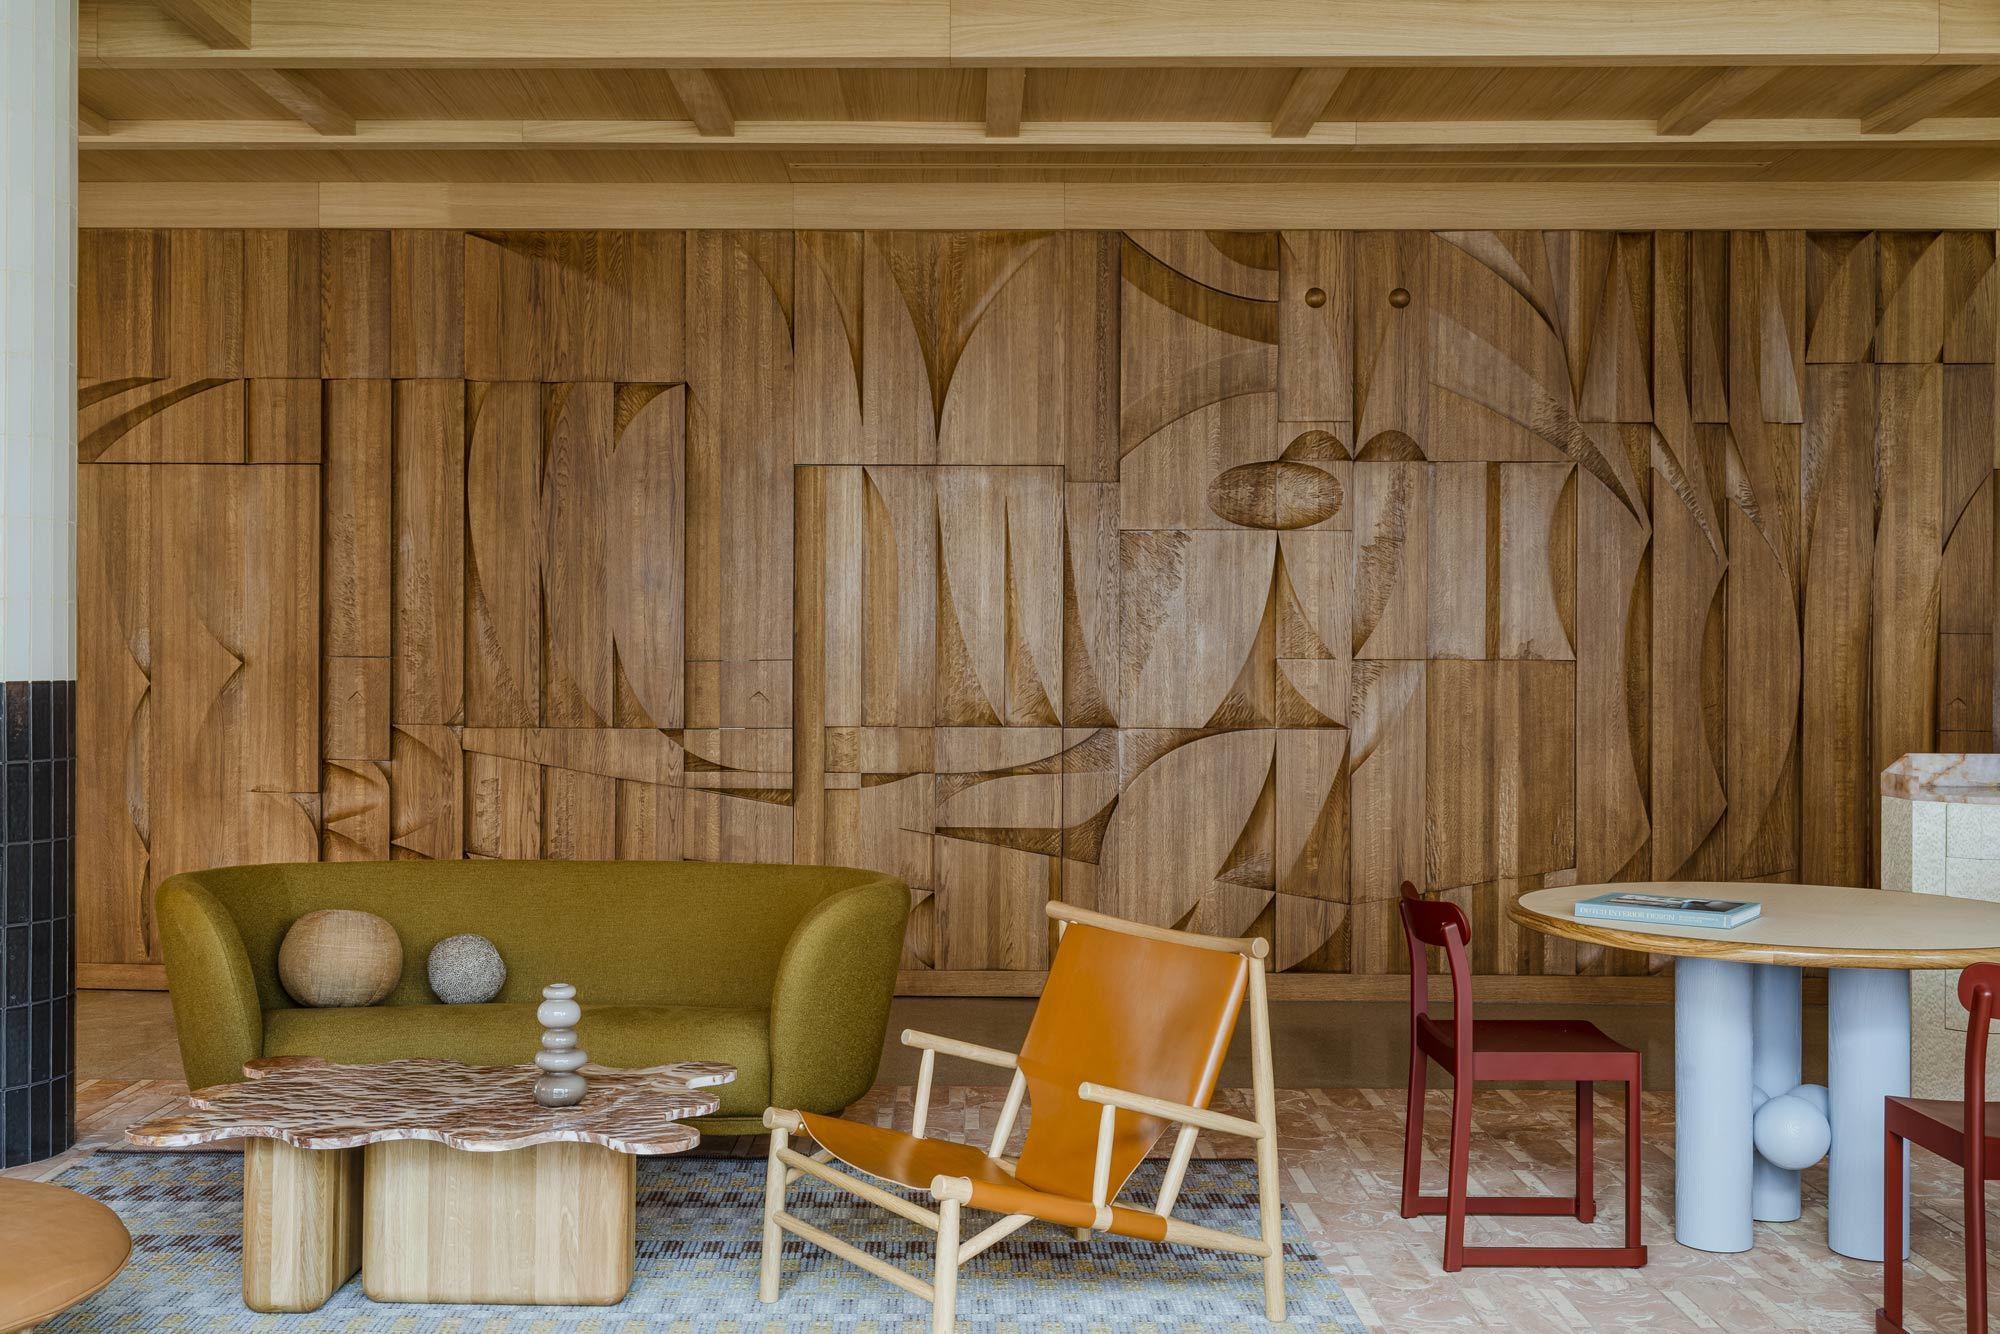 Zu dem Basrelief aus Holz ließ sich der Künstler Tomasz Opaliński von der polnischen Tatra inspirieren.